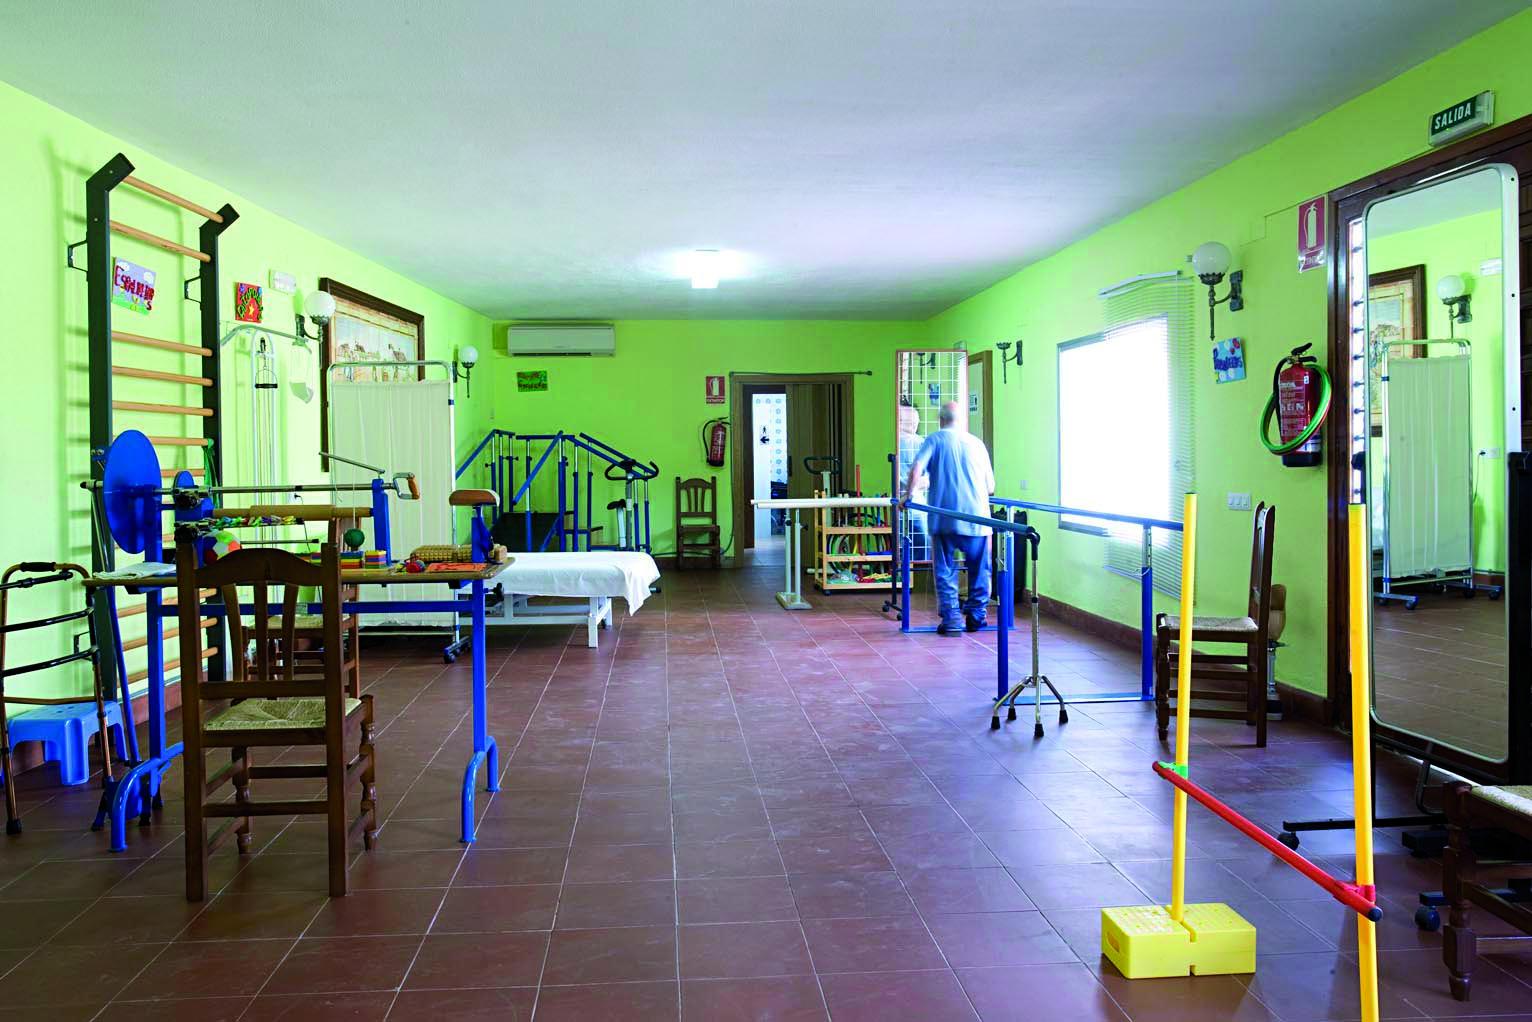 Centro residencial novaedat picanya - Viviendas en picanya ...